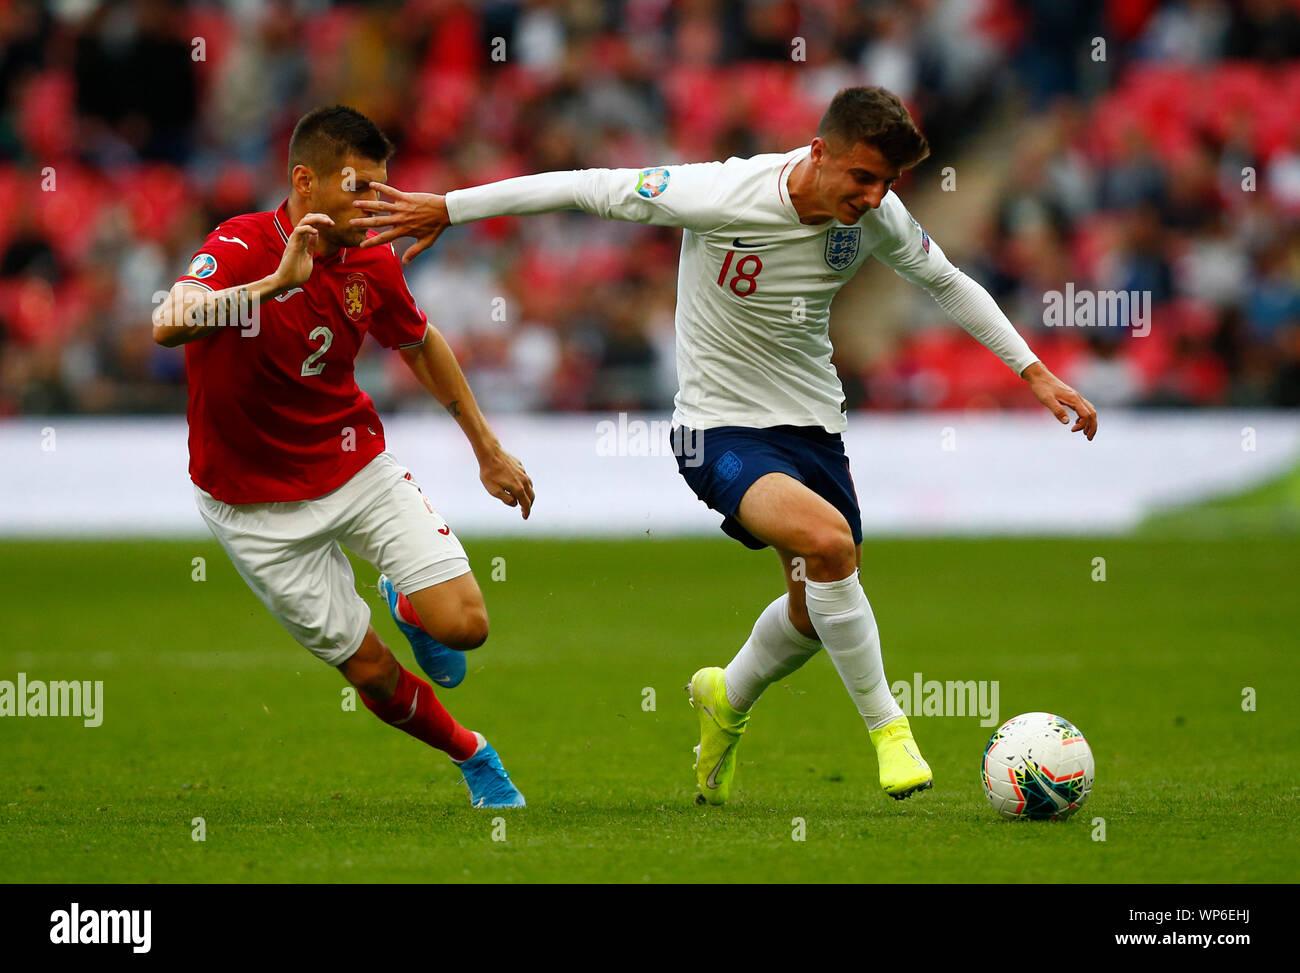 Londra, Regno Unito. 07Th Sep, 2019. Londra, Inghilterra. Settembre 07: Mason Mount di Inghilterra durante UEFA EURO 2020 il qualificatore tra Inghilterra e la Bulgaria allo stadio di Wembley a Londra, in Inghilterra, il 07 settembre 2019 Credit: Azione Foto Sport/Alamy Live News Foto Stock